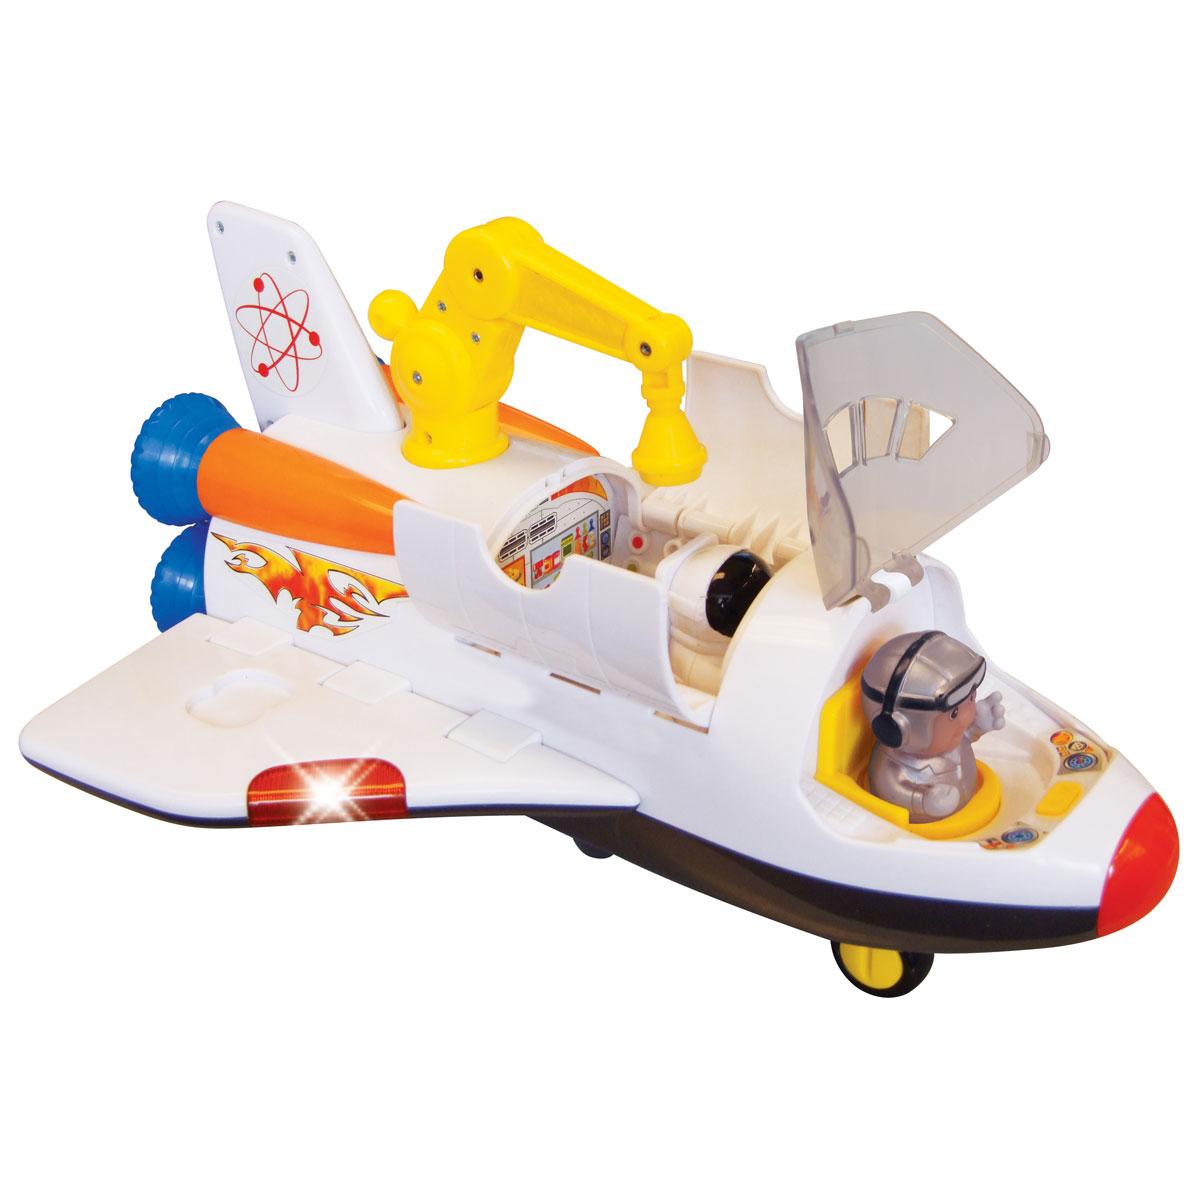 Kiddieland Развивающая игрушка Космический корабльKID 045898Развивающая игрушка Kiddieland Космический корабль обязательно порадует малыша. Это отличная игрушка, оснащенная звуковыми эффектами, имеет открывающийся люк, большую кабину для космонавта, мини инженерную станцию с компьютерами и многое другое. Игрушка способствует развитию координации движений малыша, ловкости, внимательности и воображения. Рекомендуемый возраст: от 12 месяцев. Питание: 4 батарейки типа AА (входят в комплект).